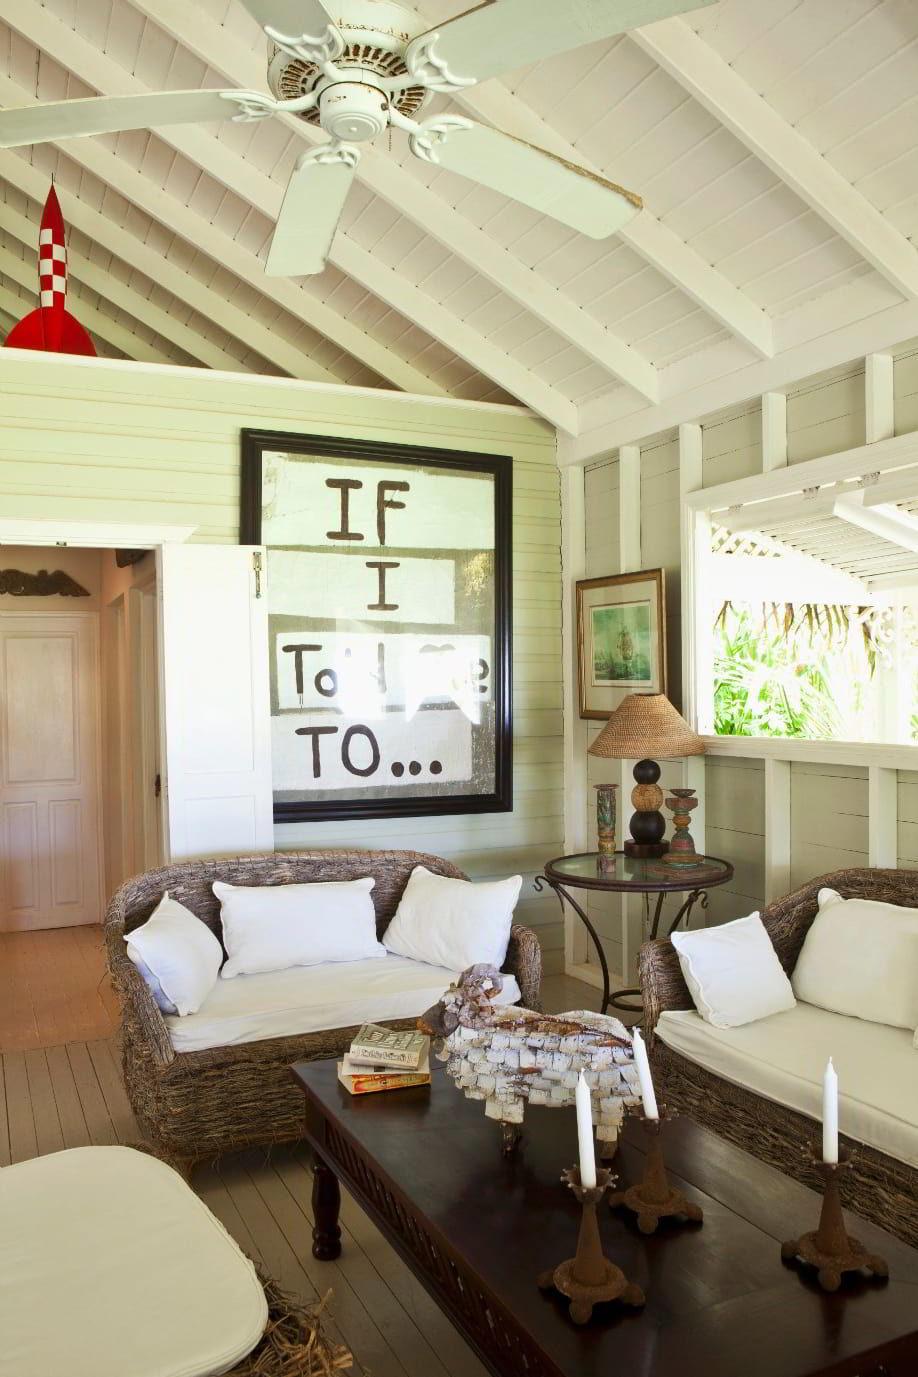 Cuba ispirazioni caraibiche per casa westwing magazine for Arredamento casa dalani